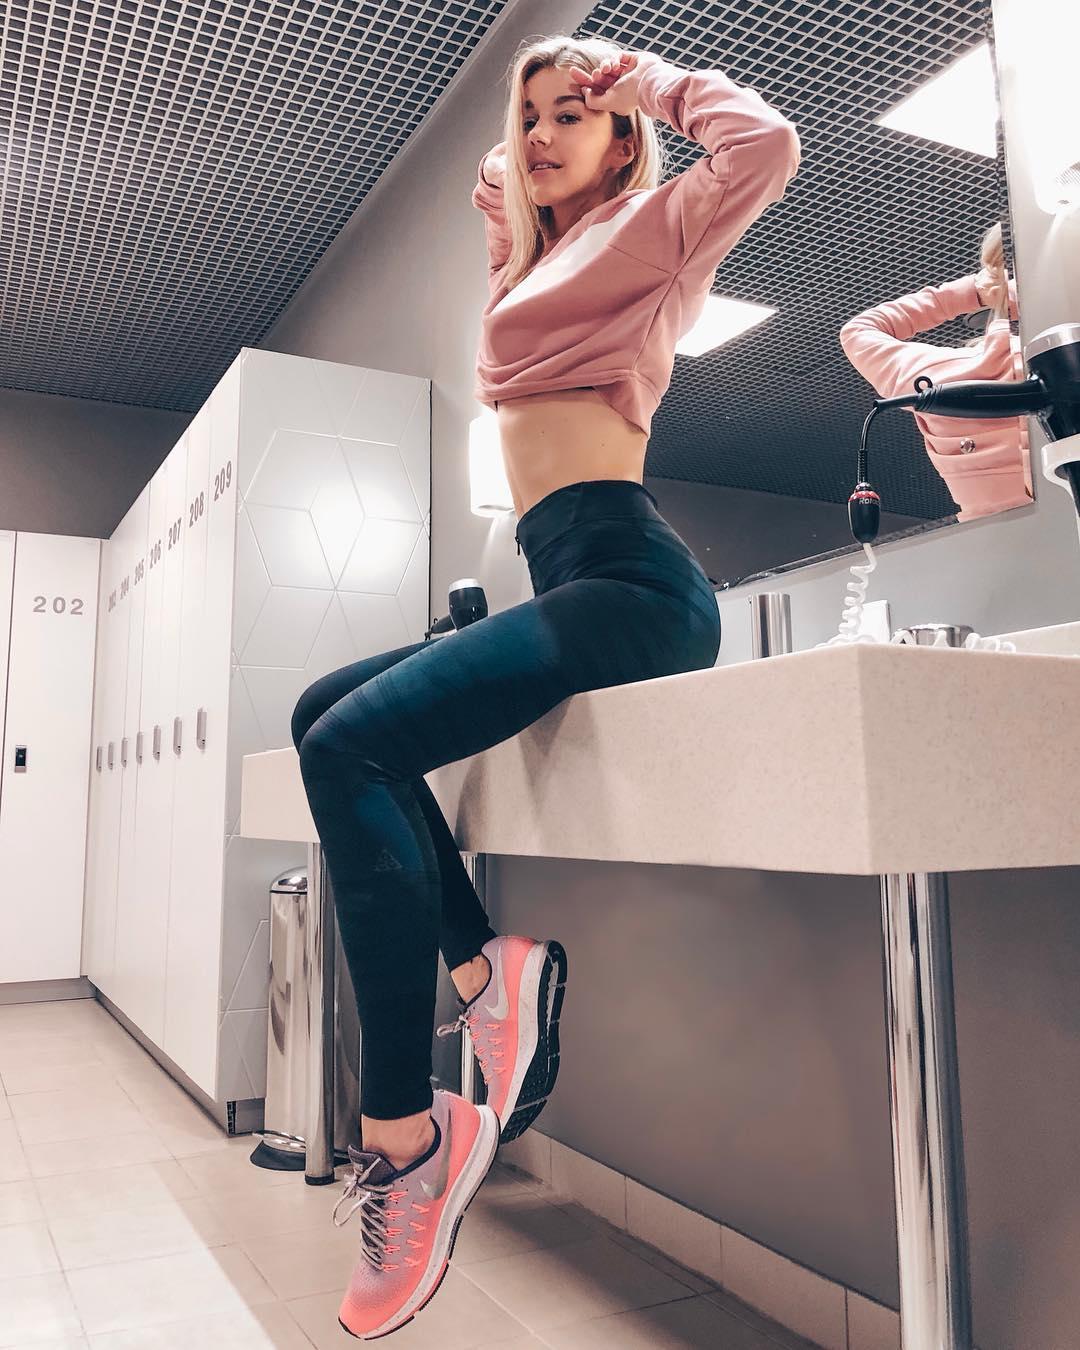 Юлианна Караулова: Сложно быть стройным гедонистом. Сложно. А если ты при этом еще и телец, то вообще